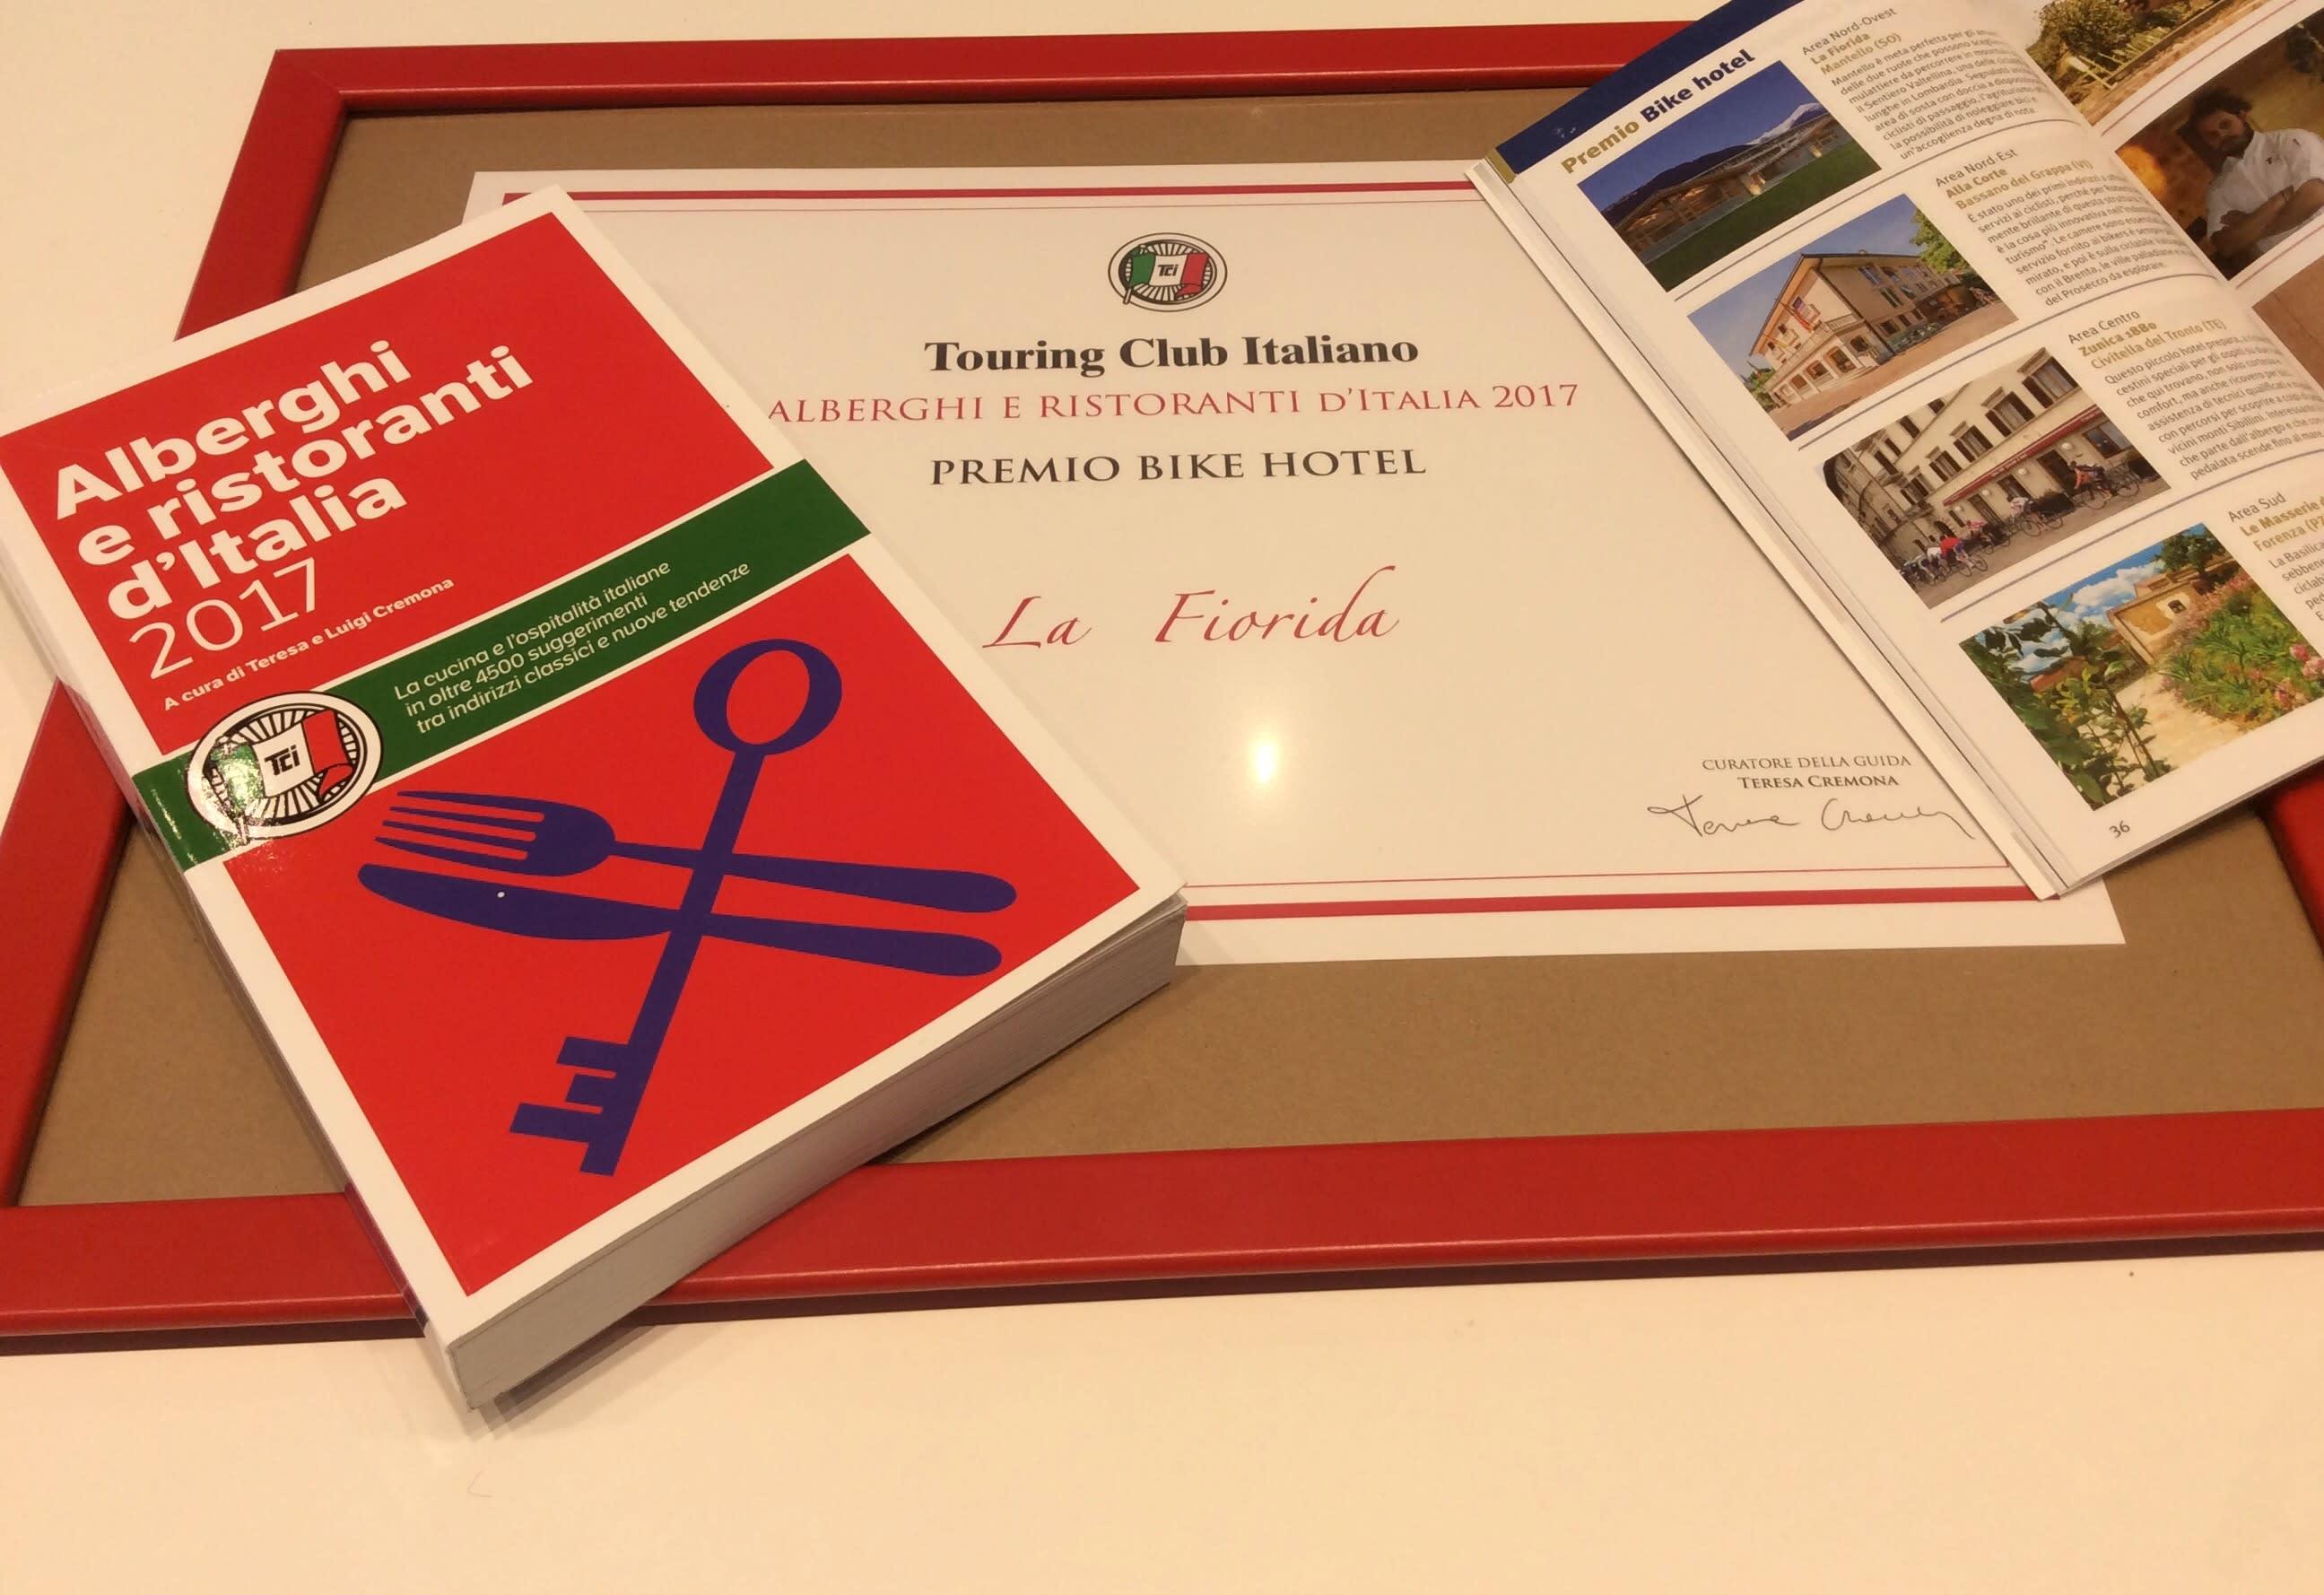 Migliori Bike Hotel italiani: il Touring Club premia La Fiorida